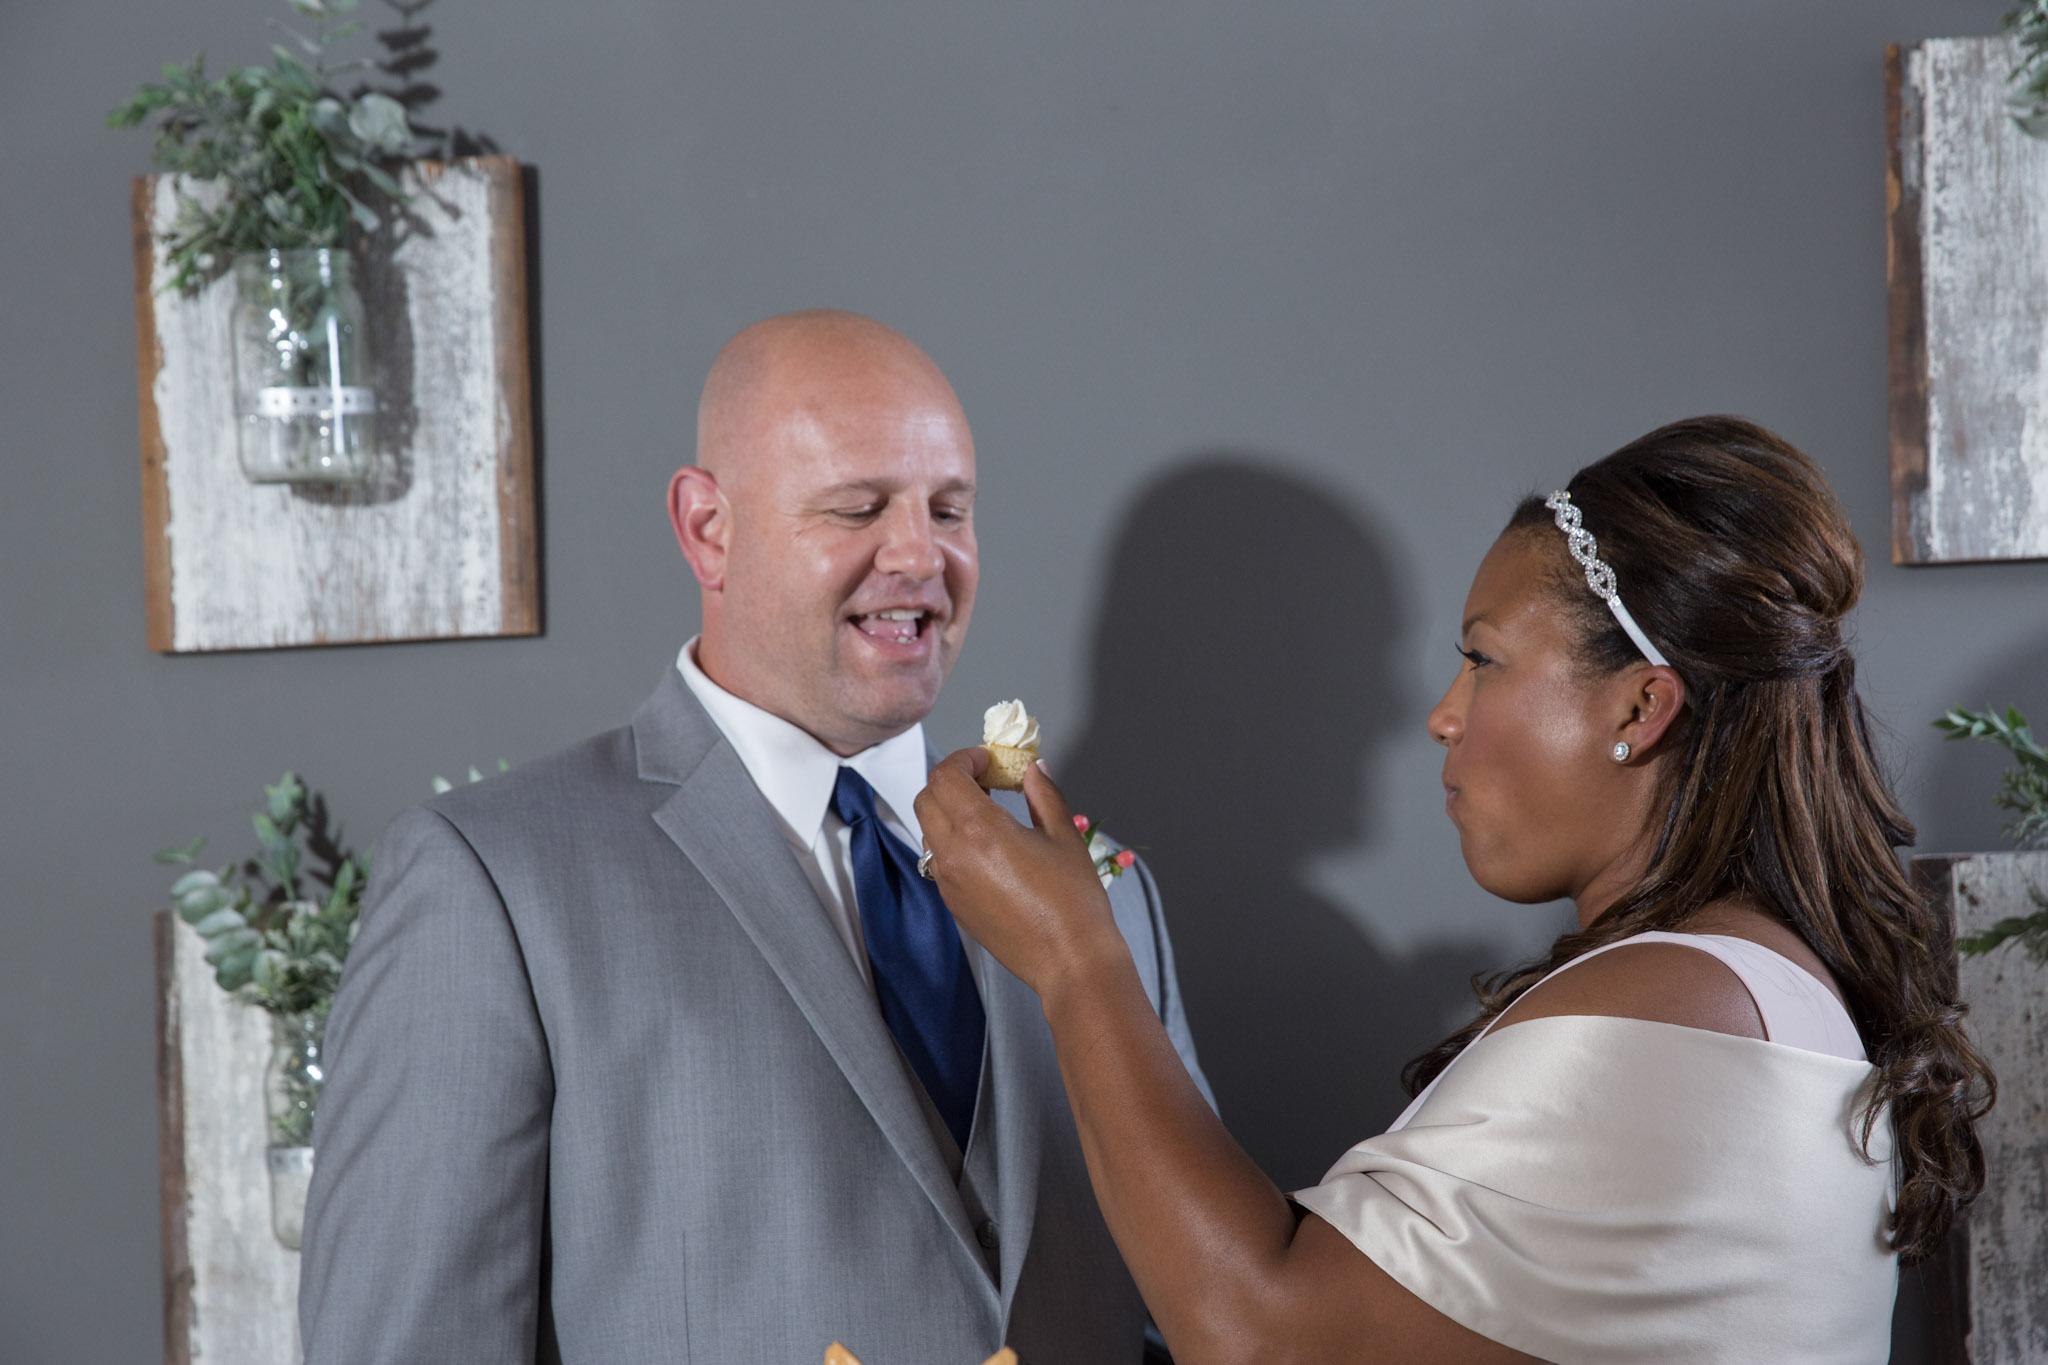 Kansas_City_Intimate_Small_Budget_Wedding_Venue_303.JPG